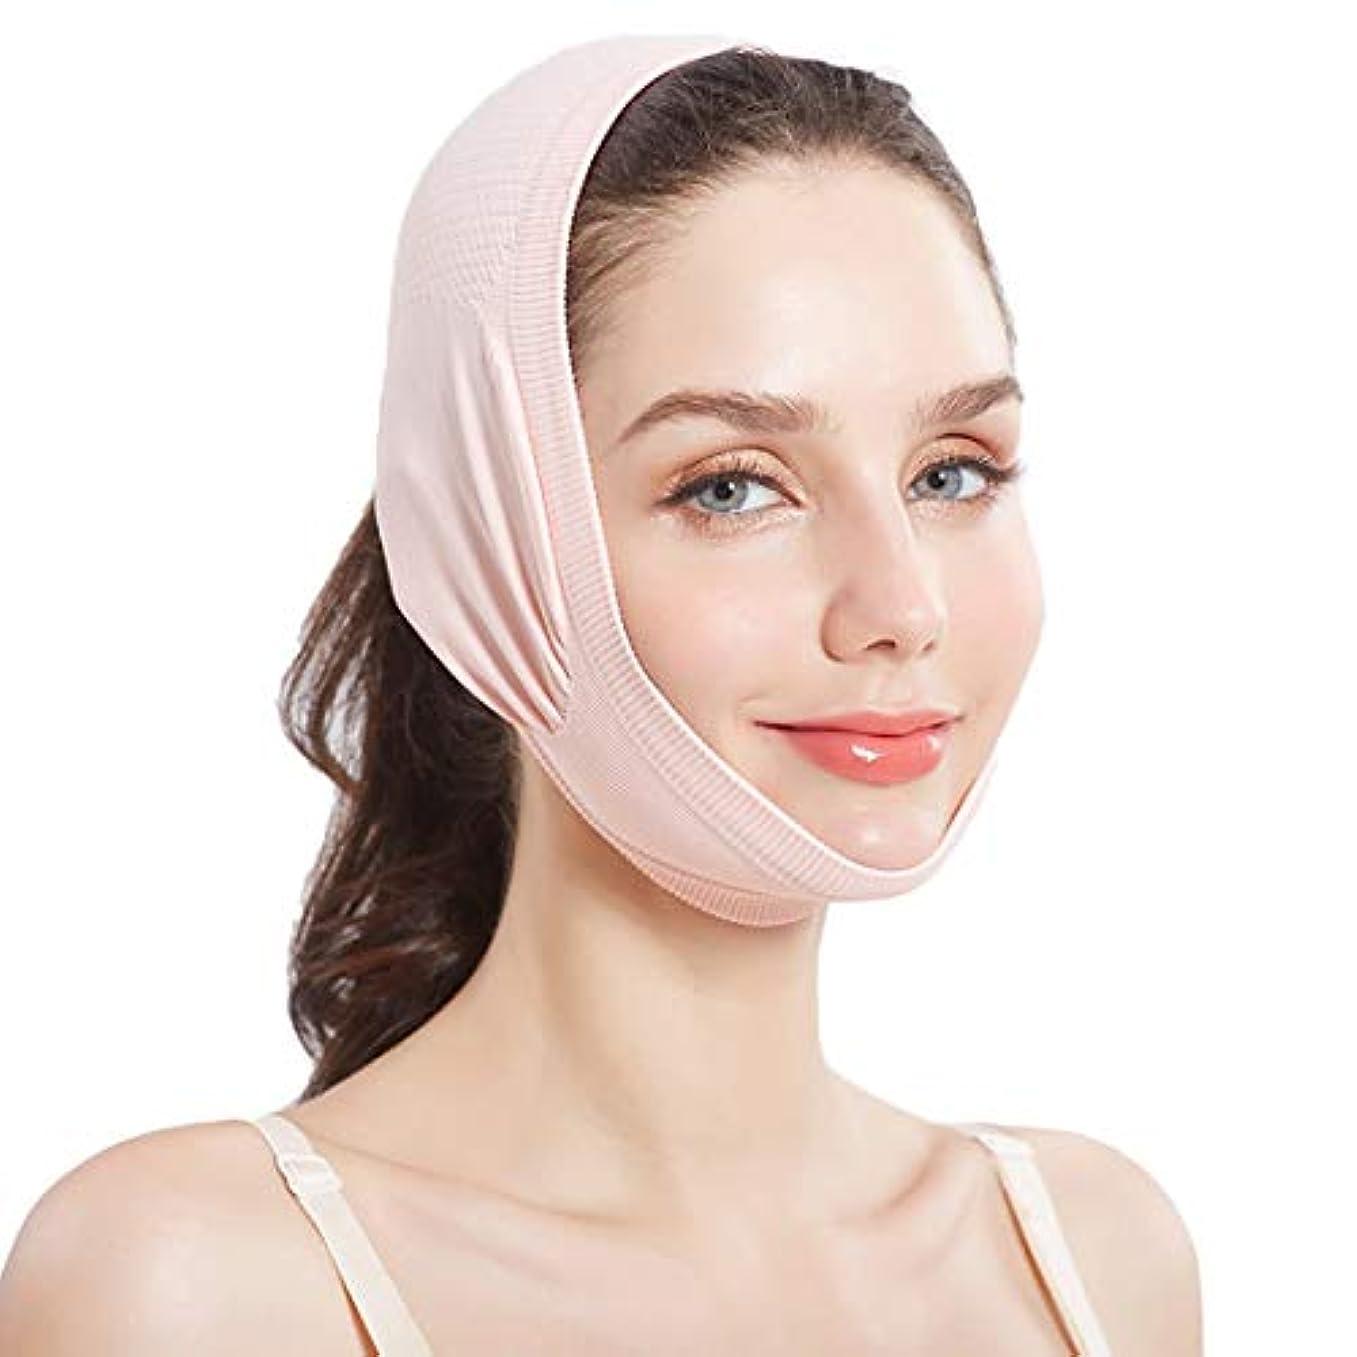 入学する遵守する中傷ZWBD フェイスマスク, フェイスリフティング包帯マスクあごV整形マスク美容包帯マスクリフティング引き締めピンクベージュ (Color : Pink)